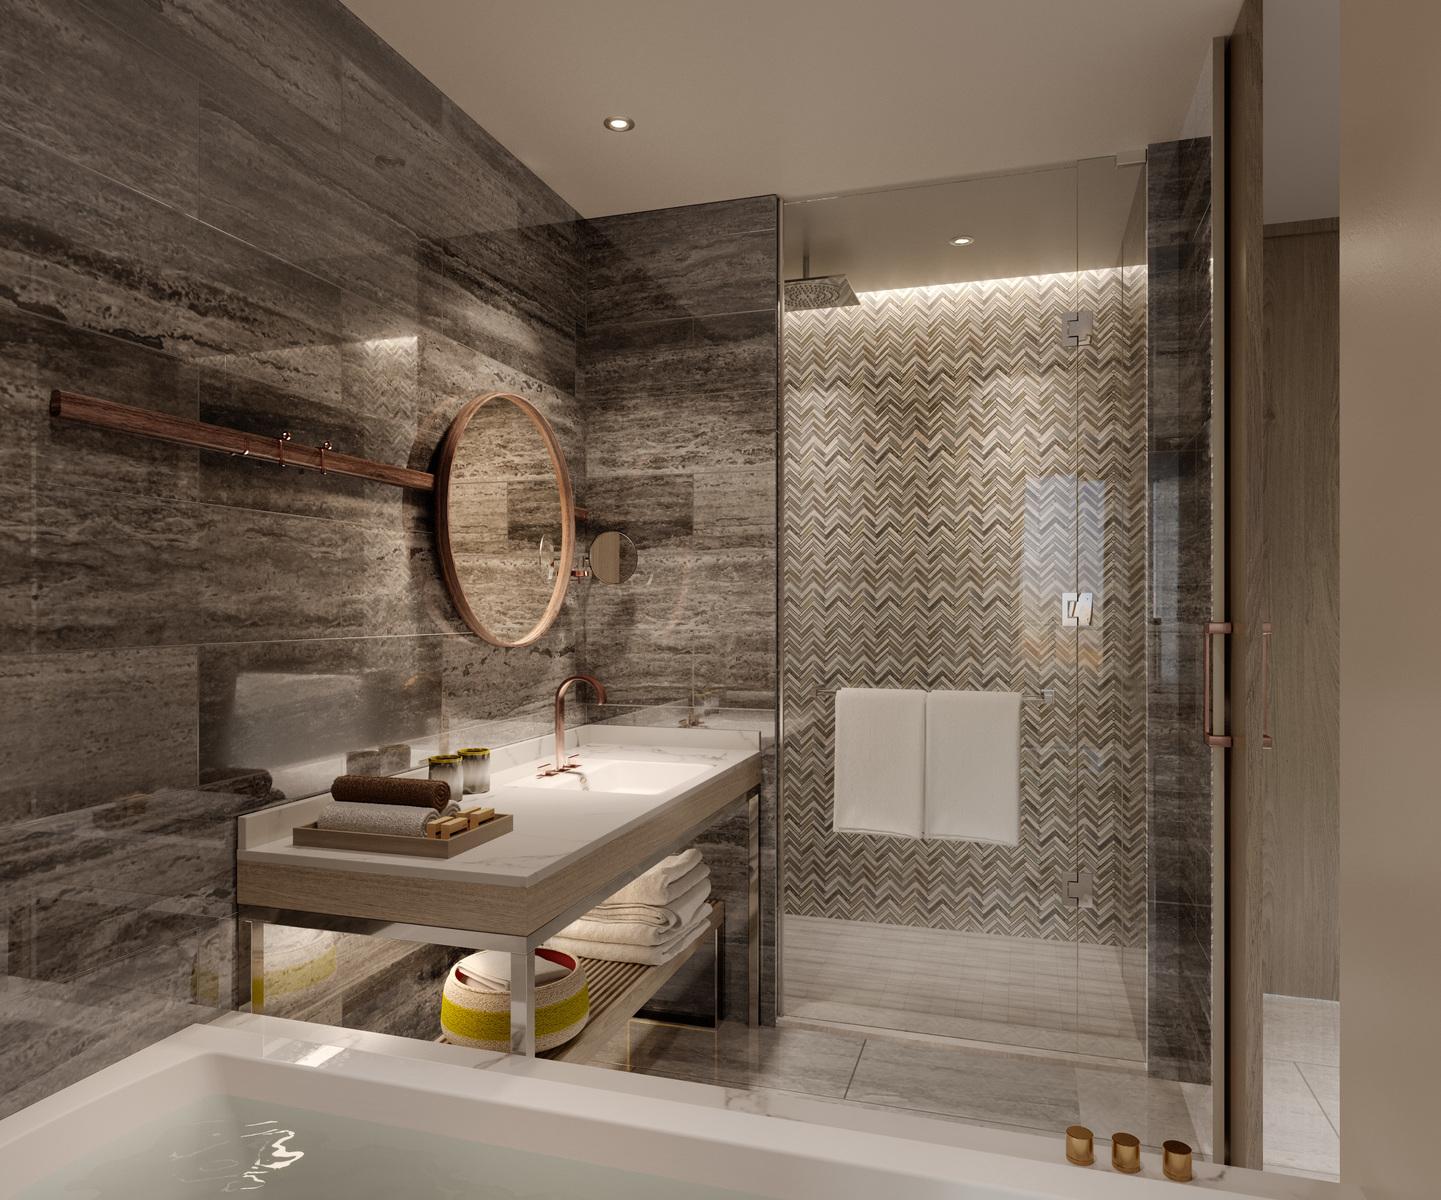 Hilton Abu Dhabi Yas Island Bathroom